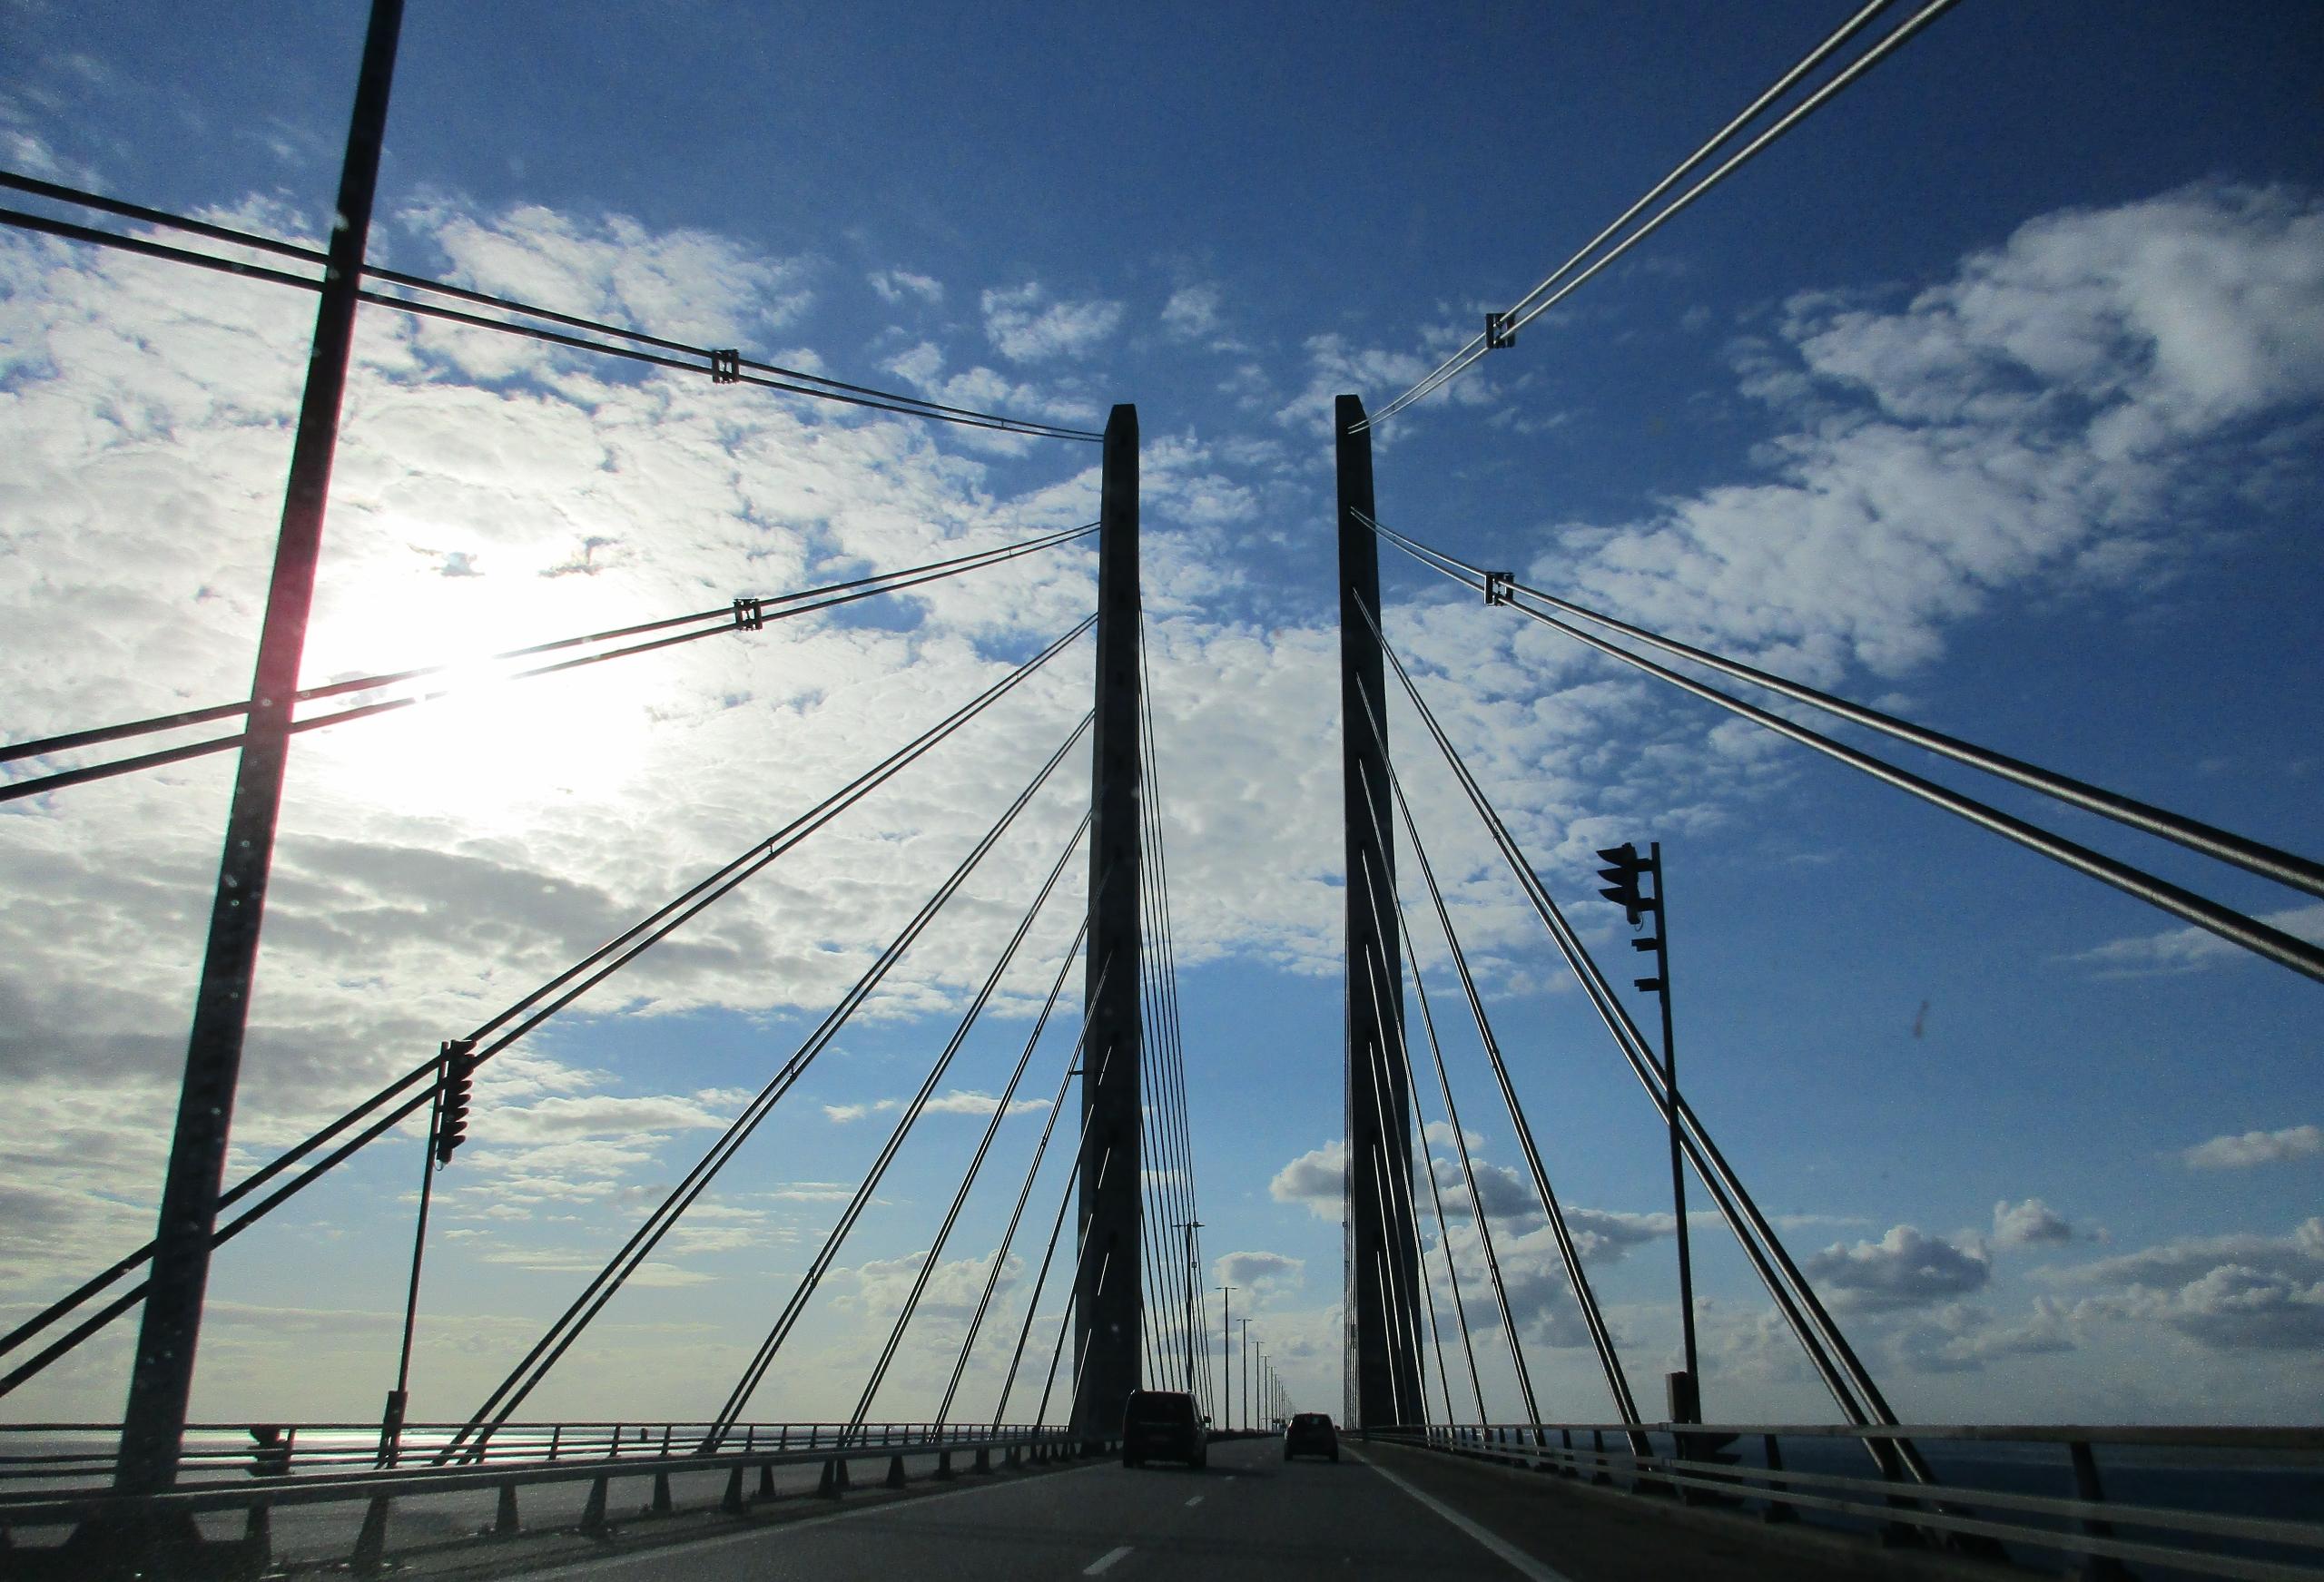 Sweden Øresund Bridge, star ren - northernlad | ello